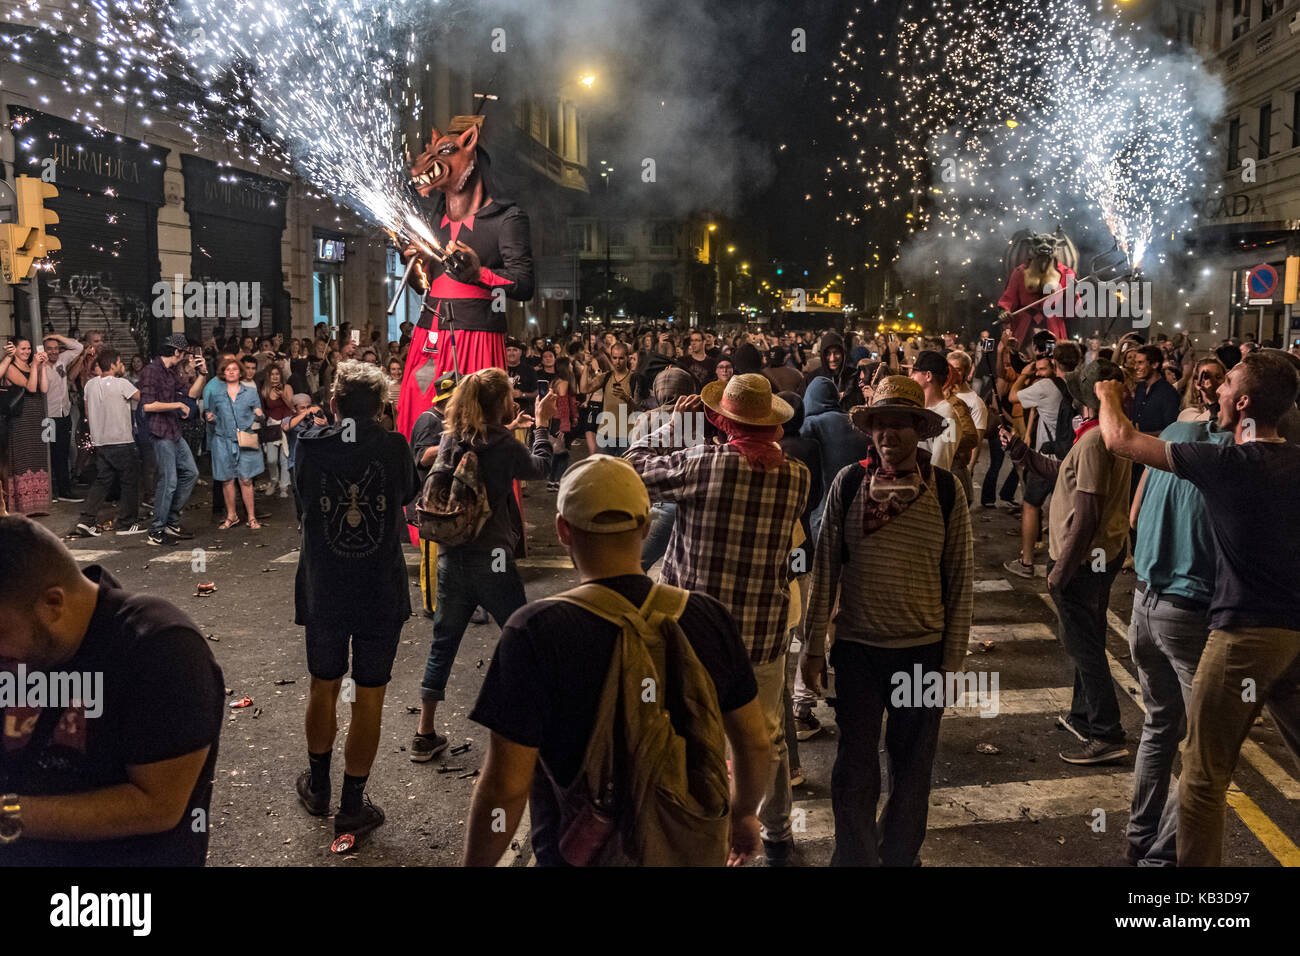 Correfocs estão entre as características mais marcantes presentes em festivais de catalão. No correfoc, Imagens de Stock